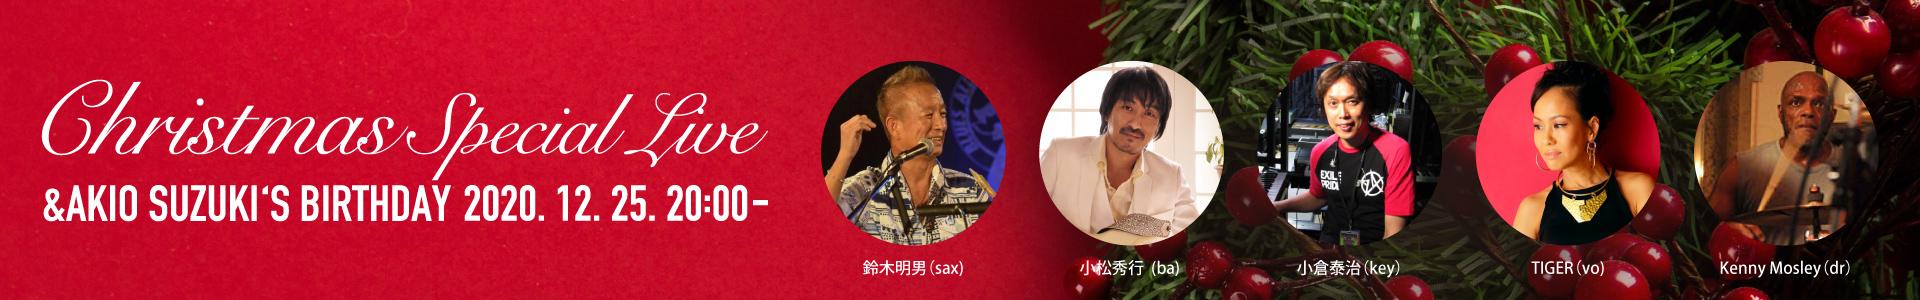 クリスマススペシャルライブ&半年遅れの鈴木明男バースデー開催